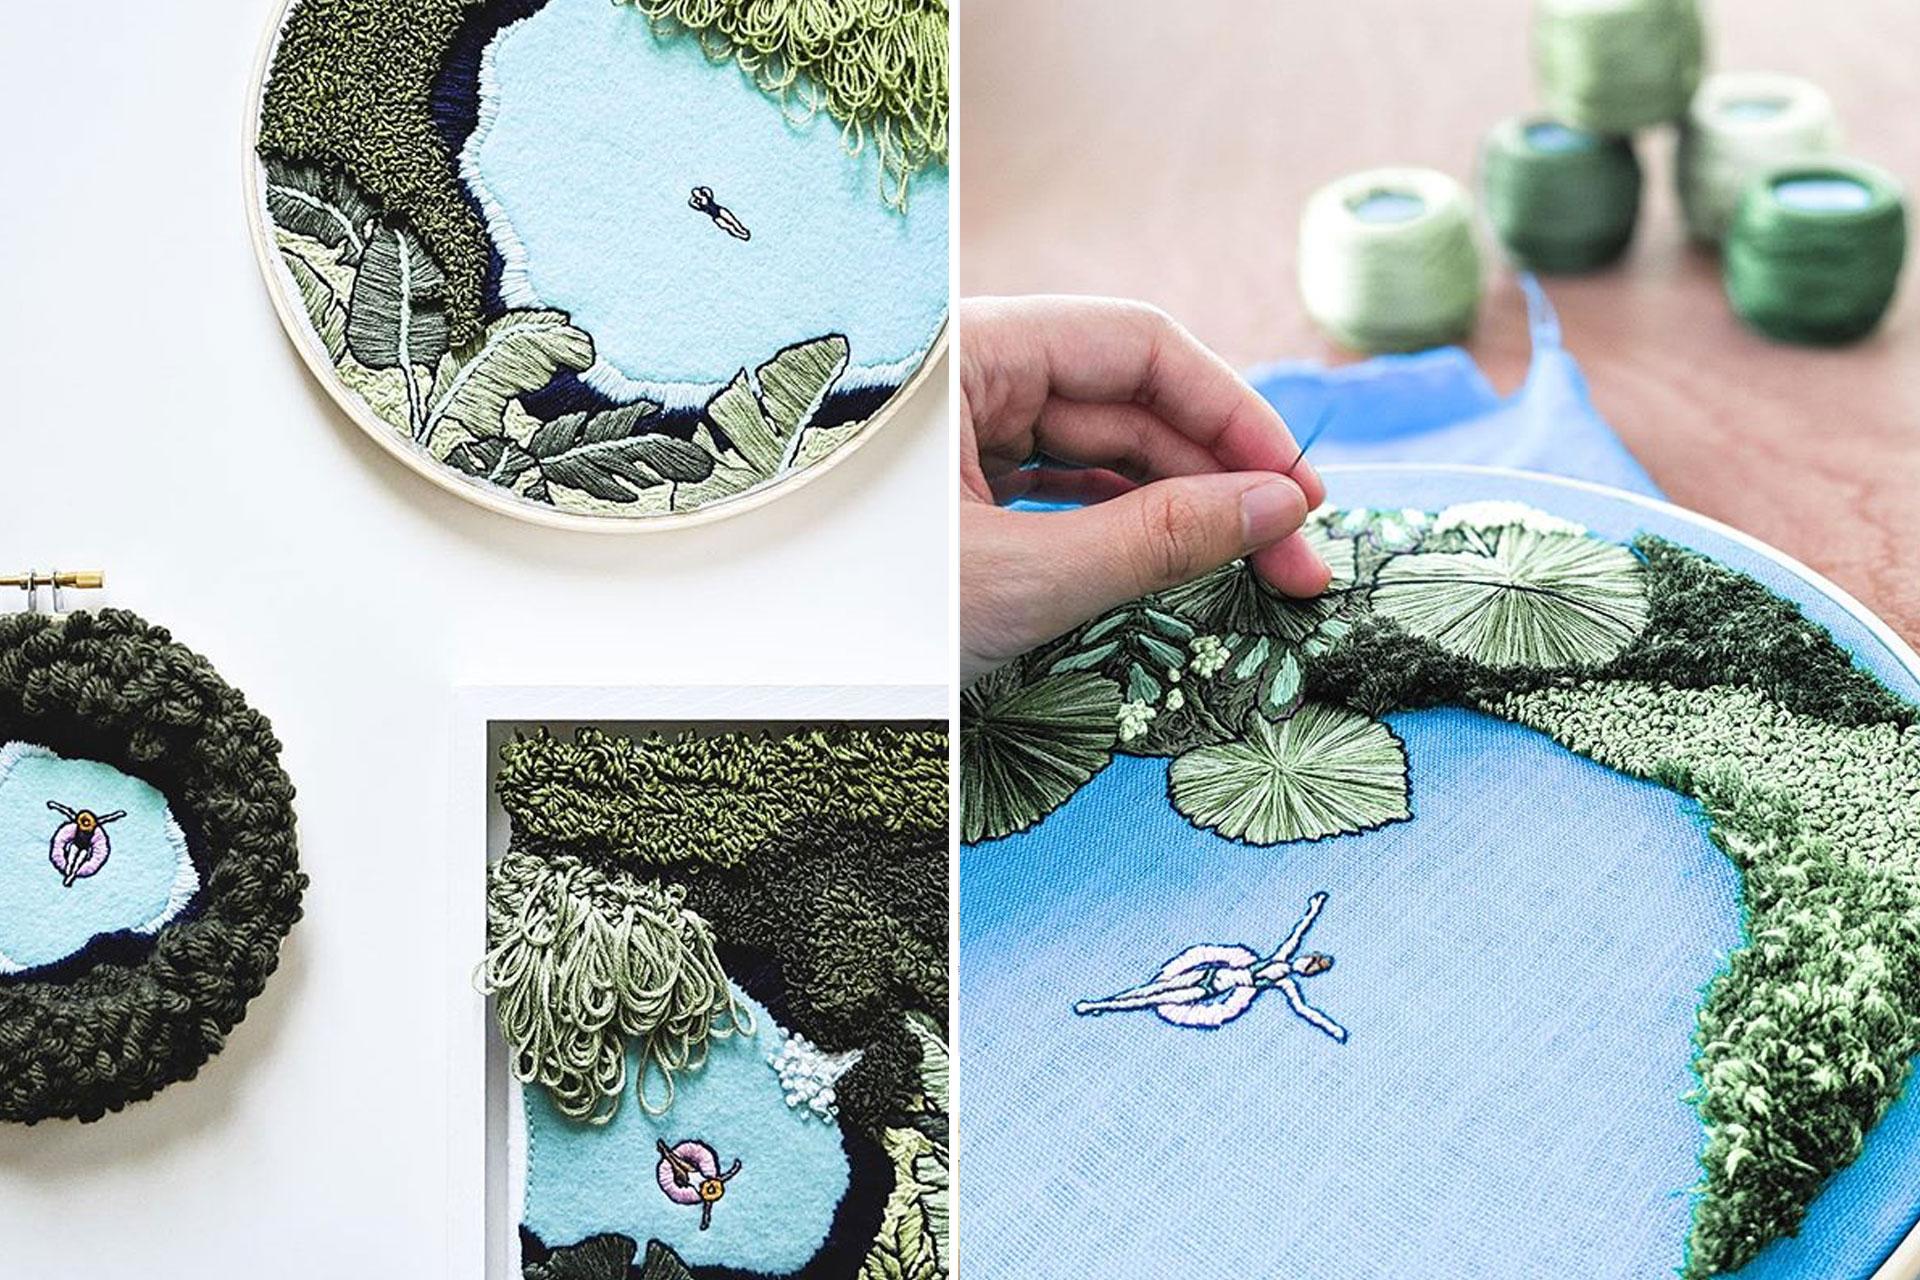 Yarn-of-Ocean-Koel-Stories-3.jpg